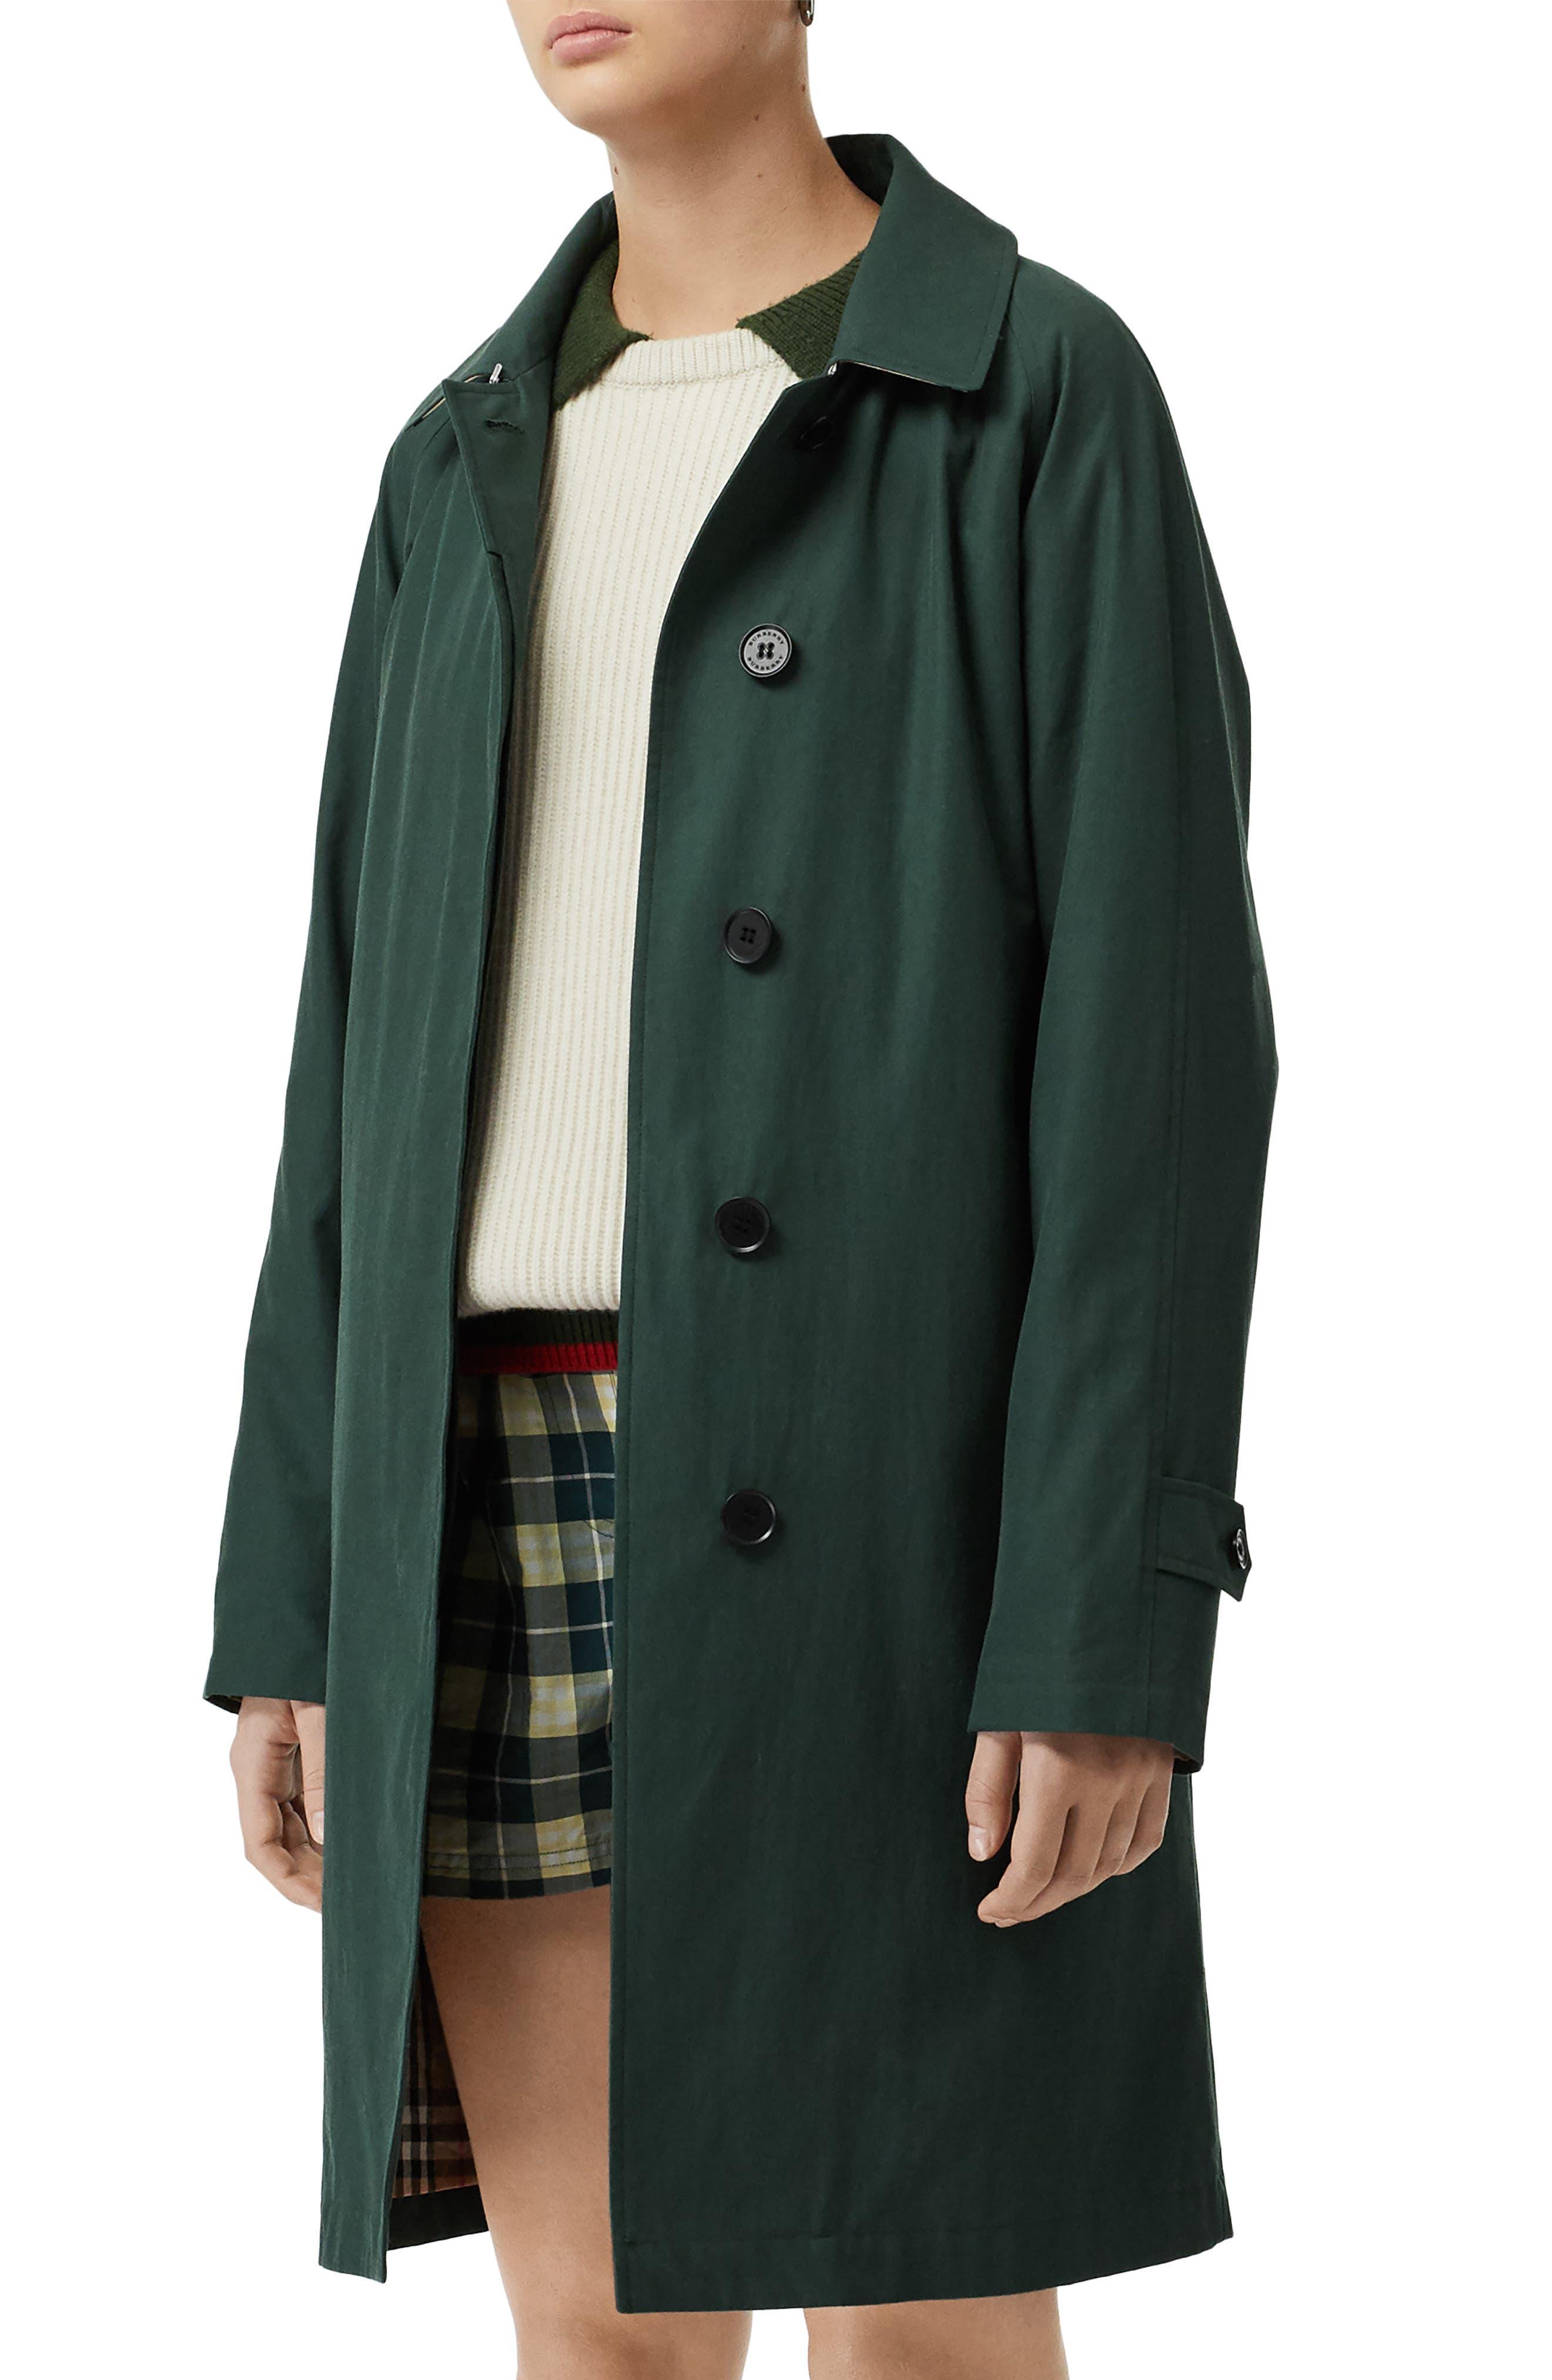 Burberry cashmere mantel